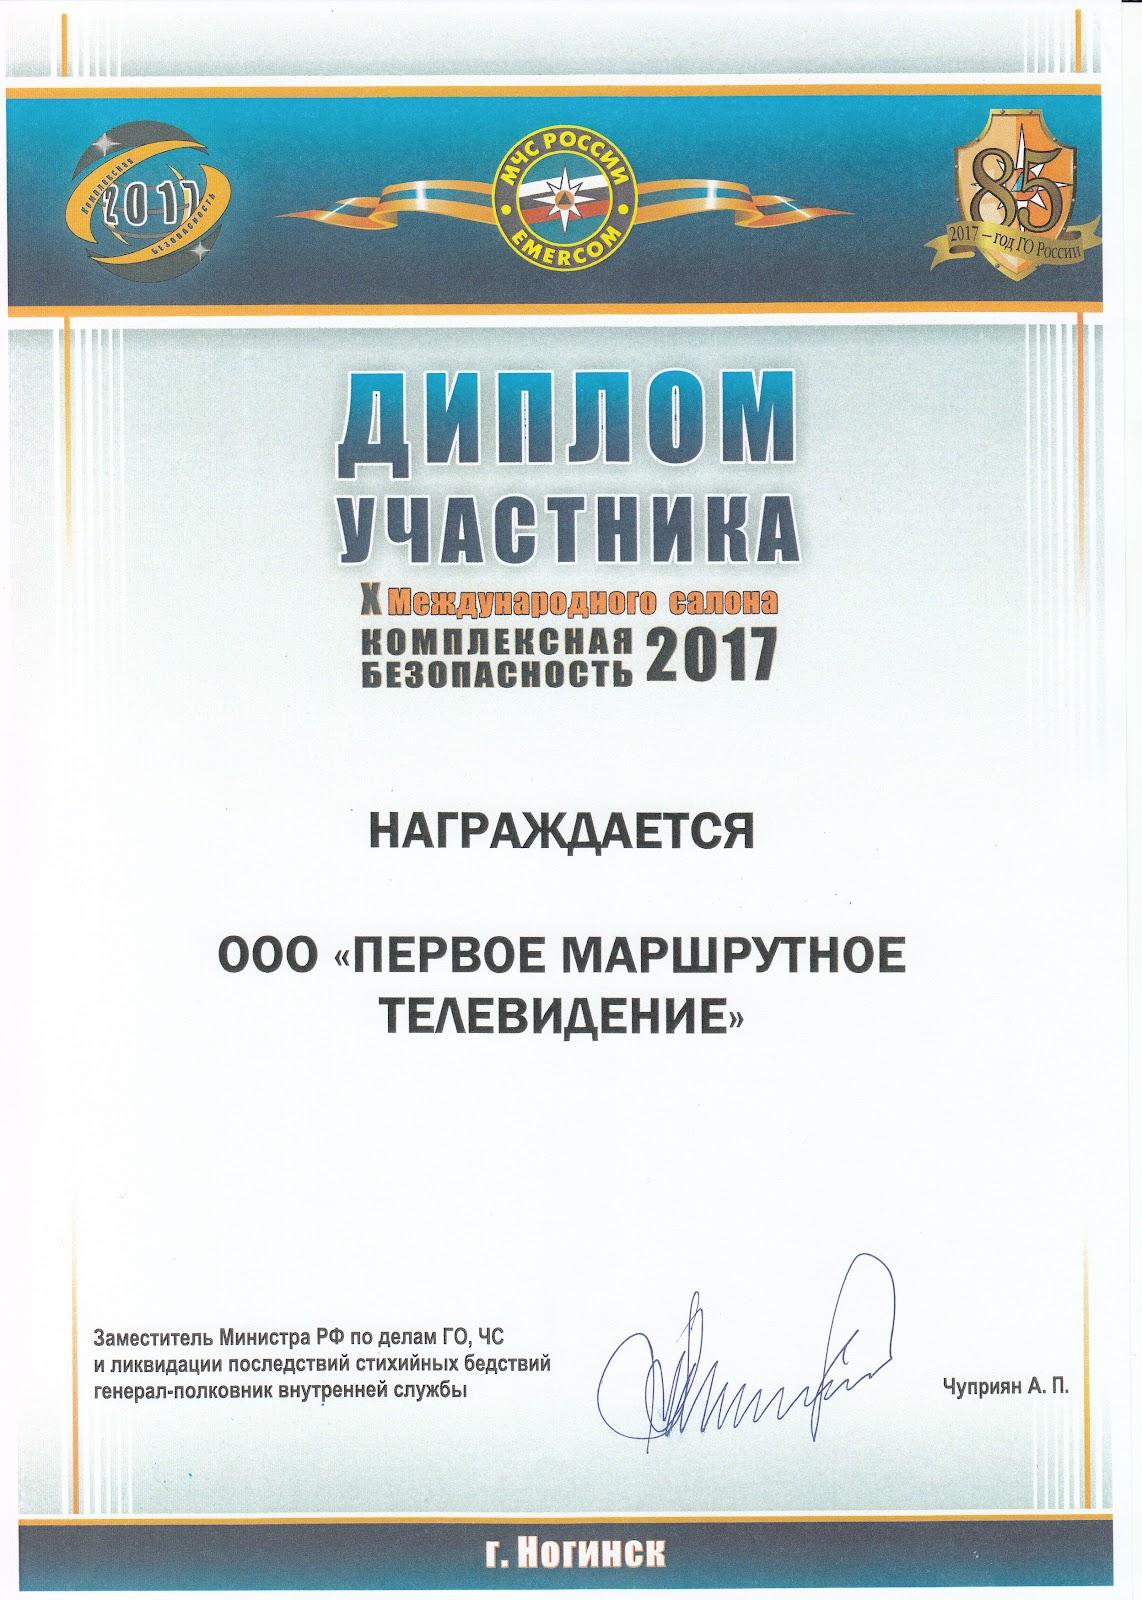 Диплом Первого Маршрутного Телевидения от МЧС России (1).jpg